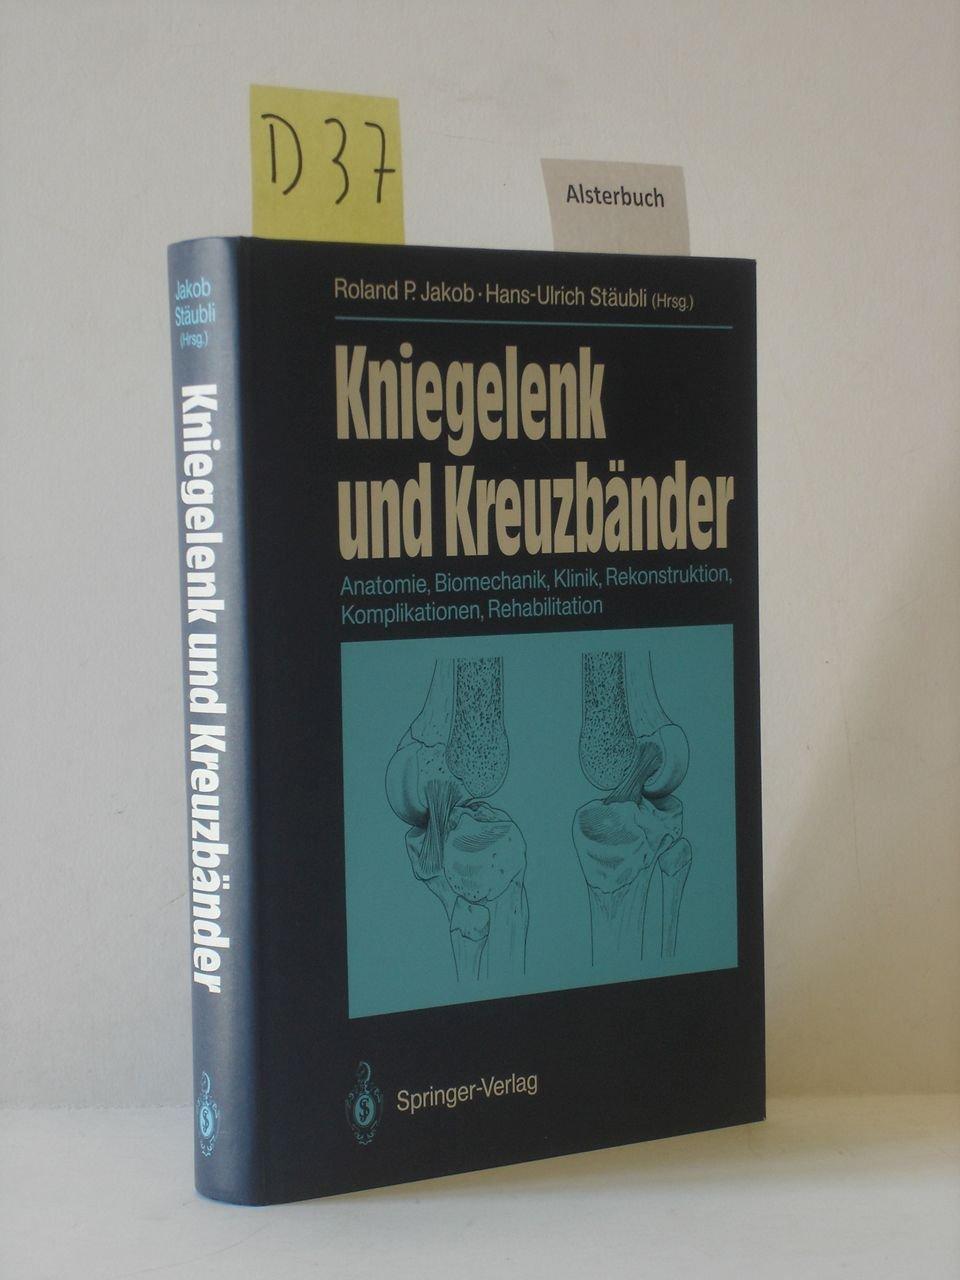 Kniegelenk und Kreuzbänder - Anatomie Biomechanik Klinik ...